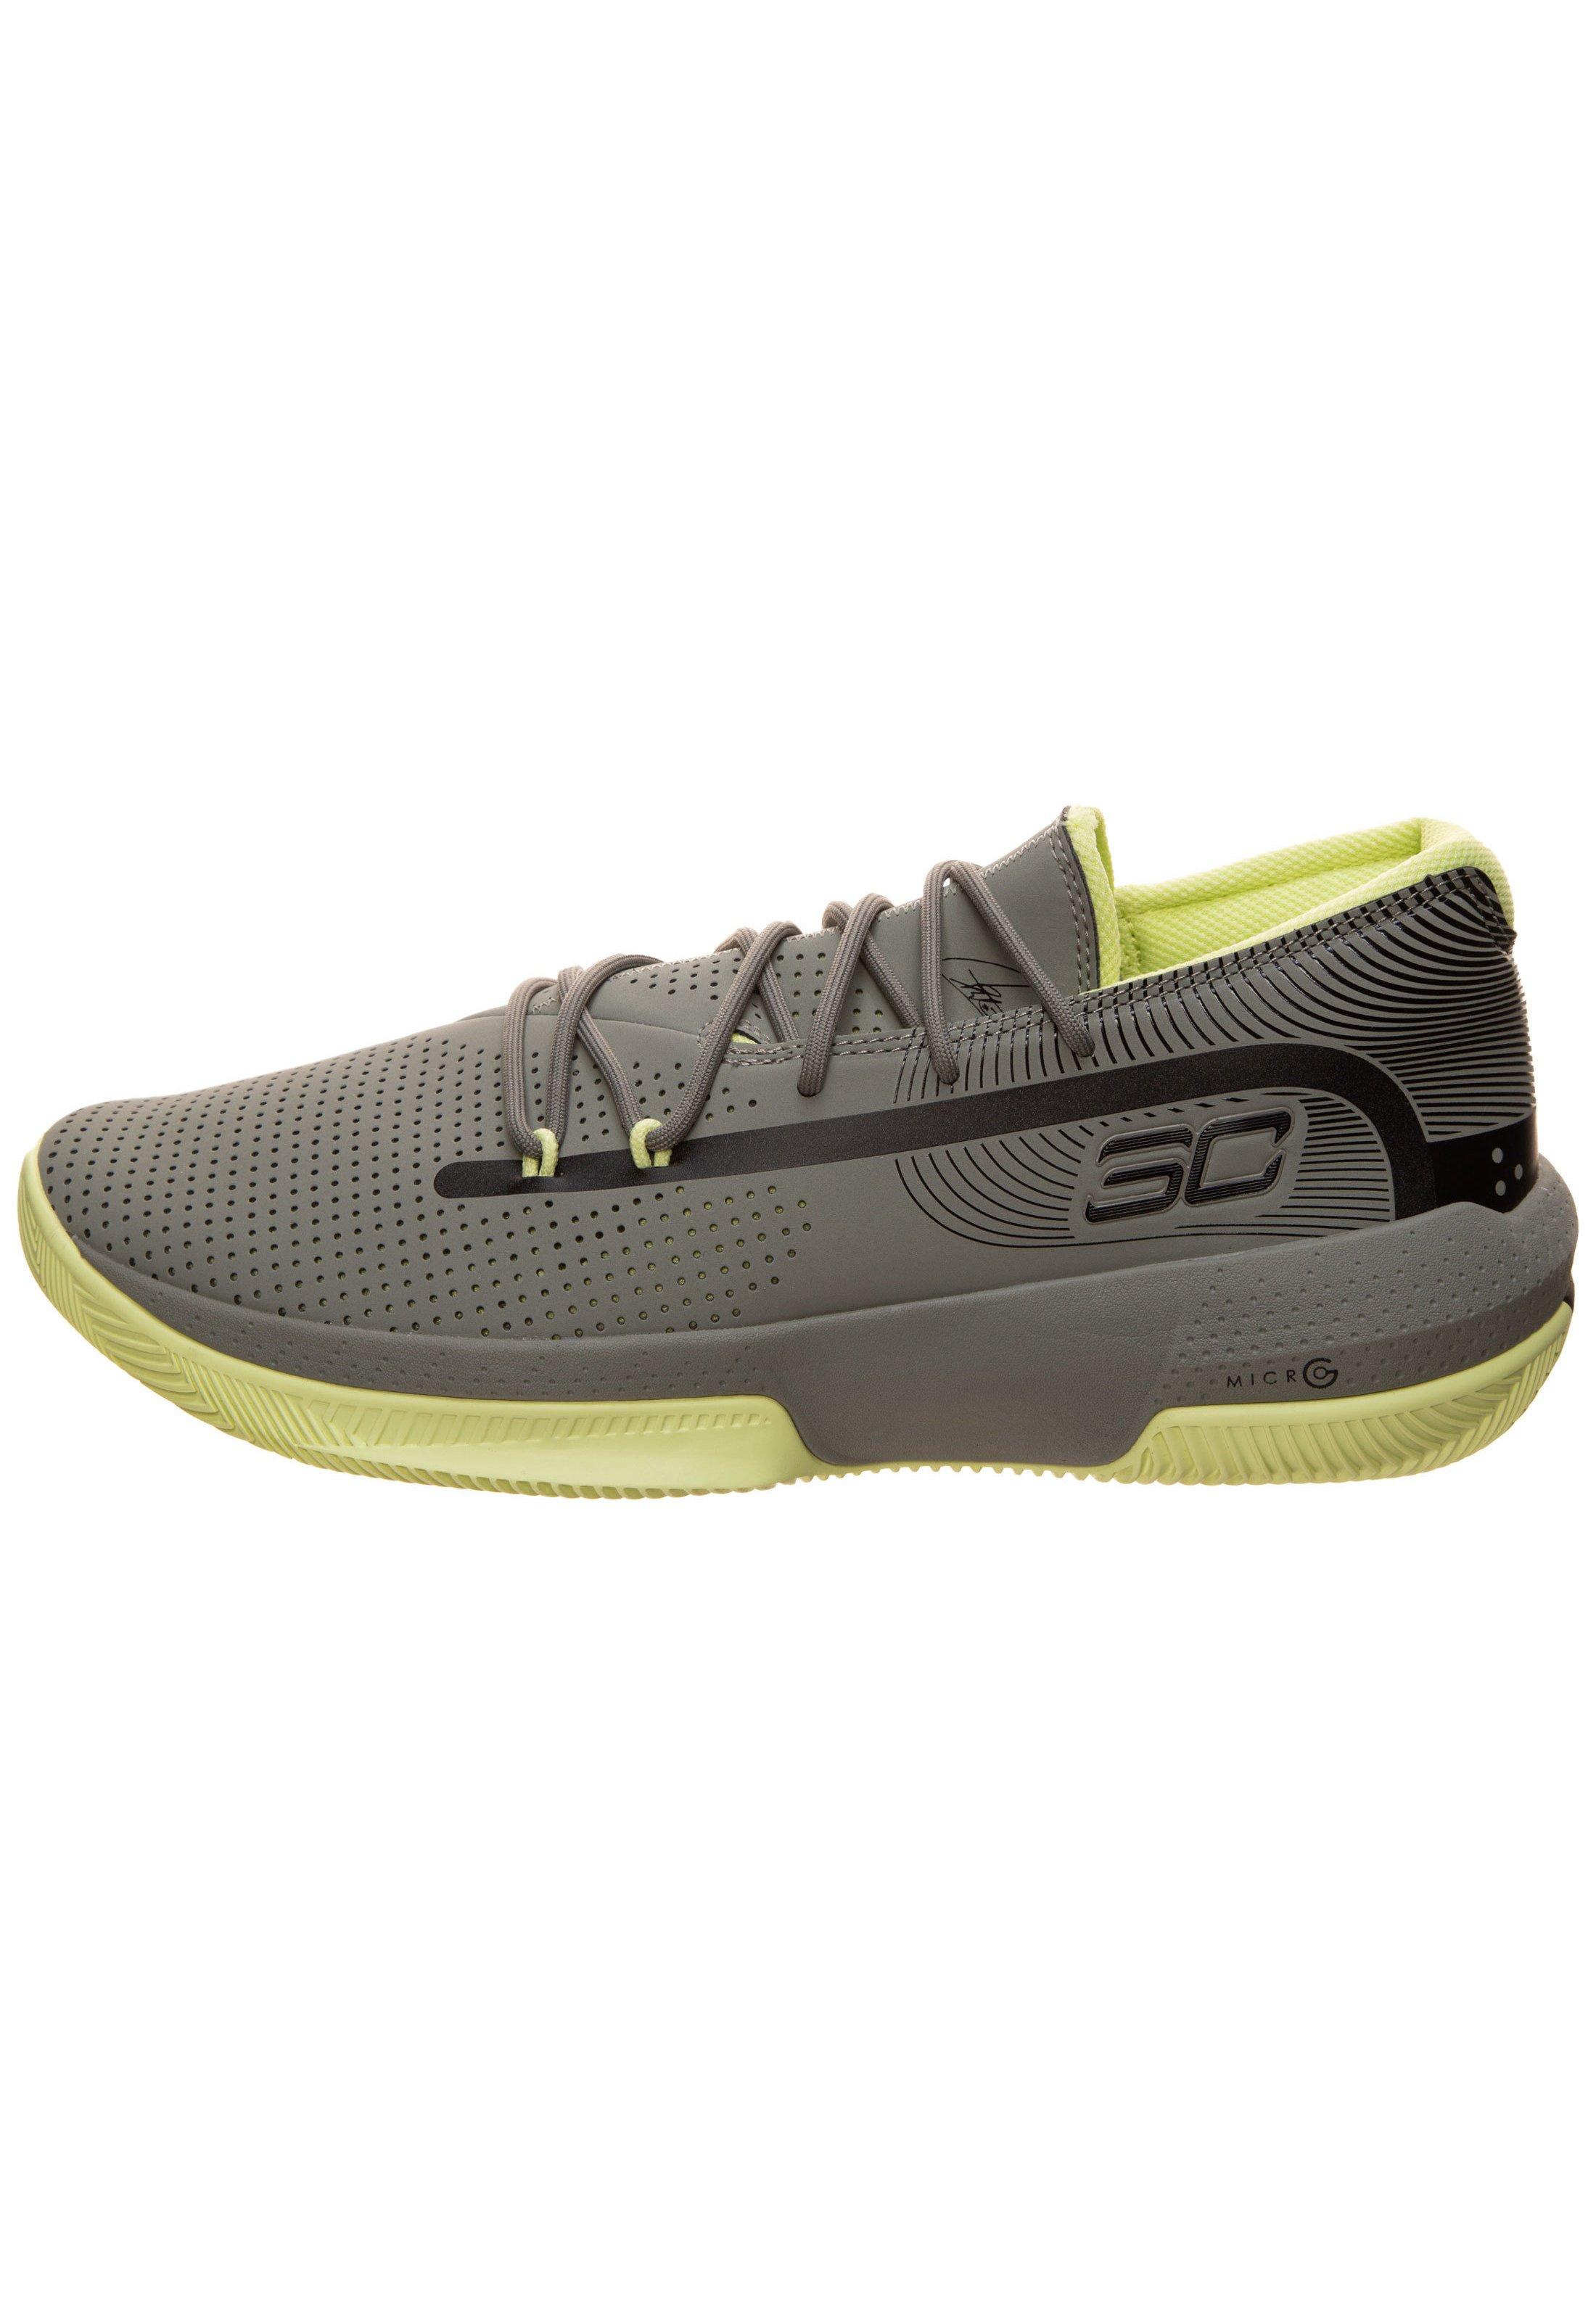 Chaussures de basket green